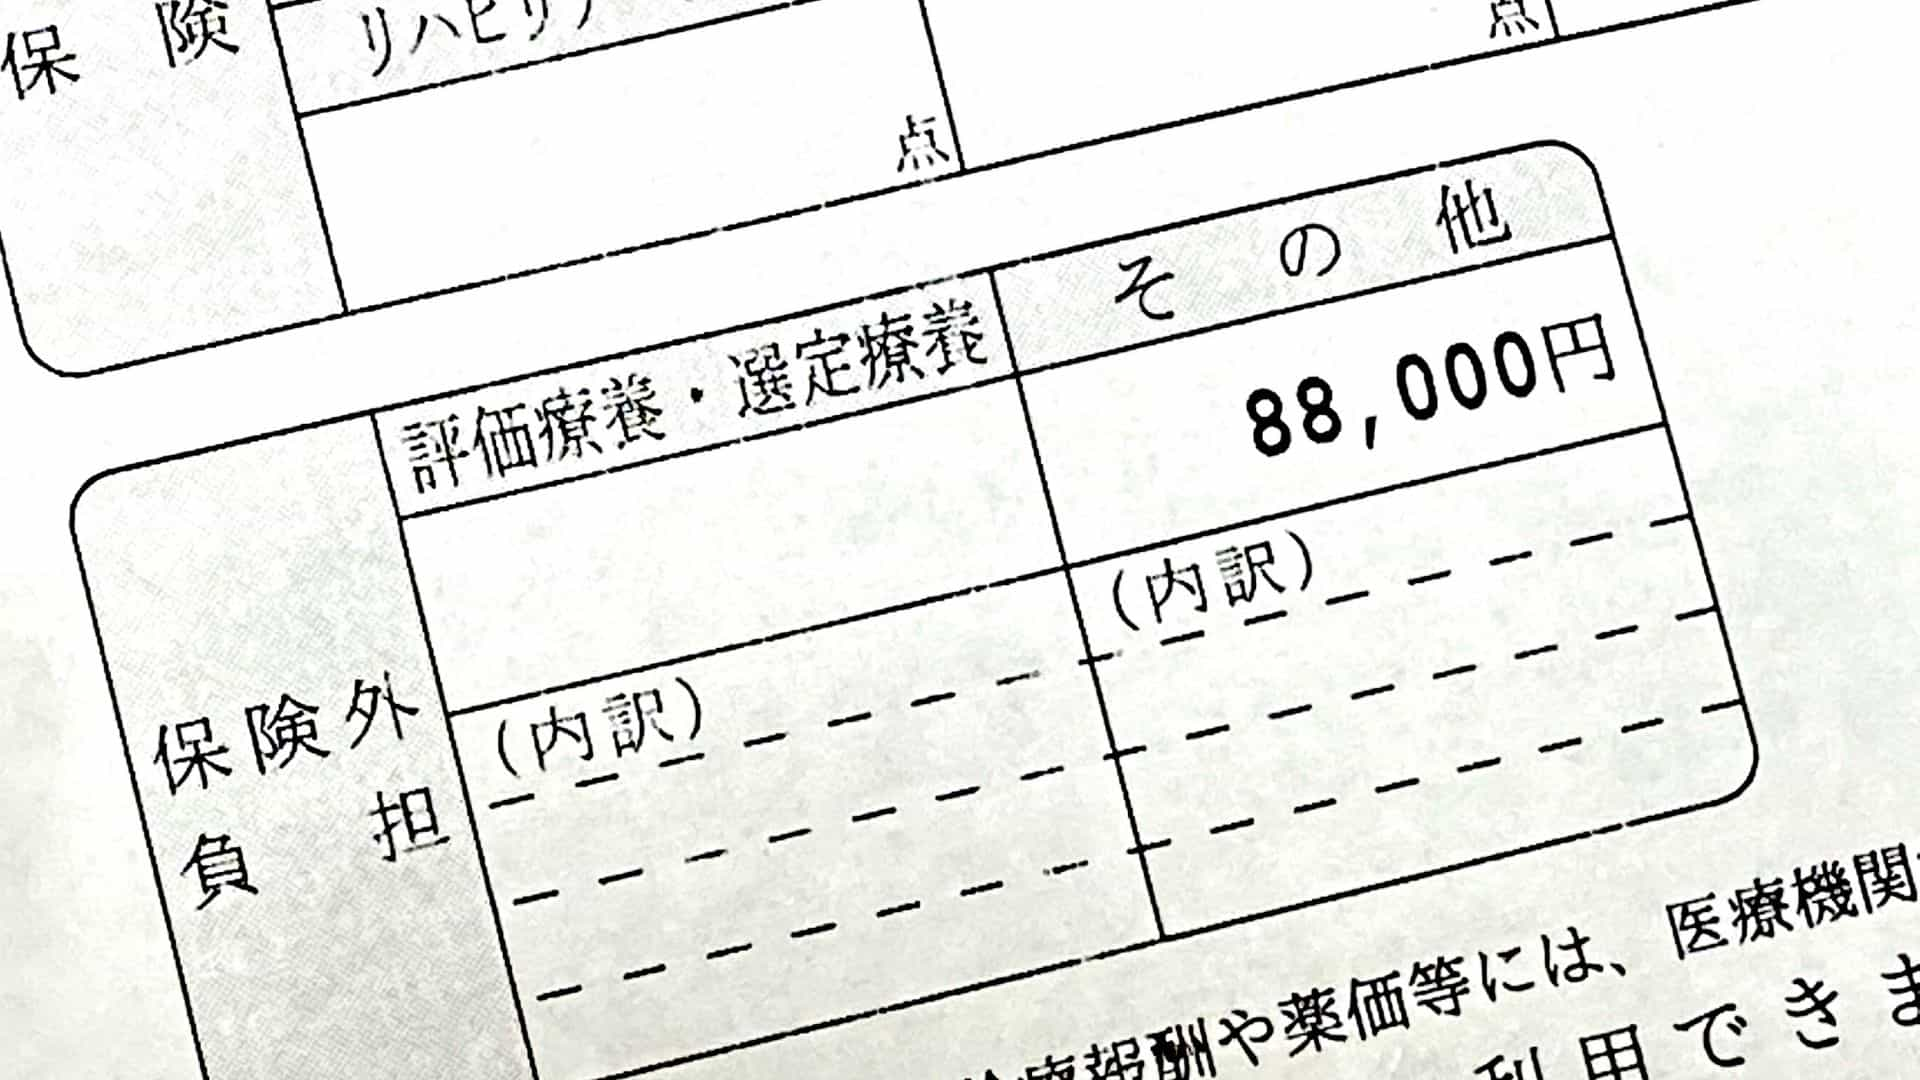 金歯を入れるのにかかった自己負担8万円の明細書